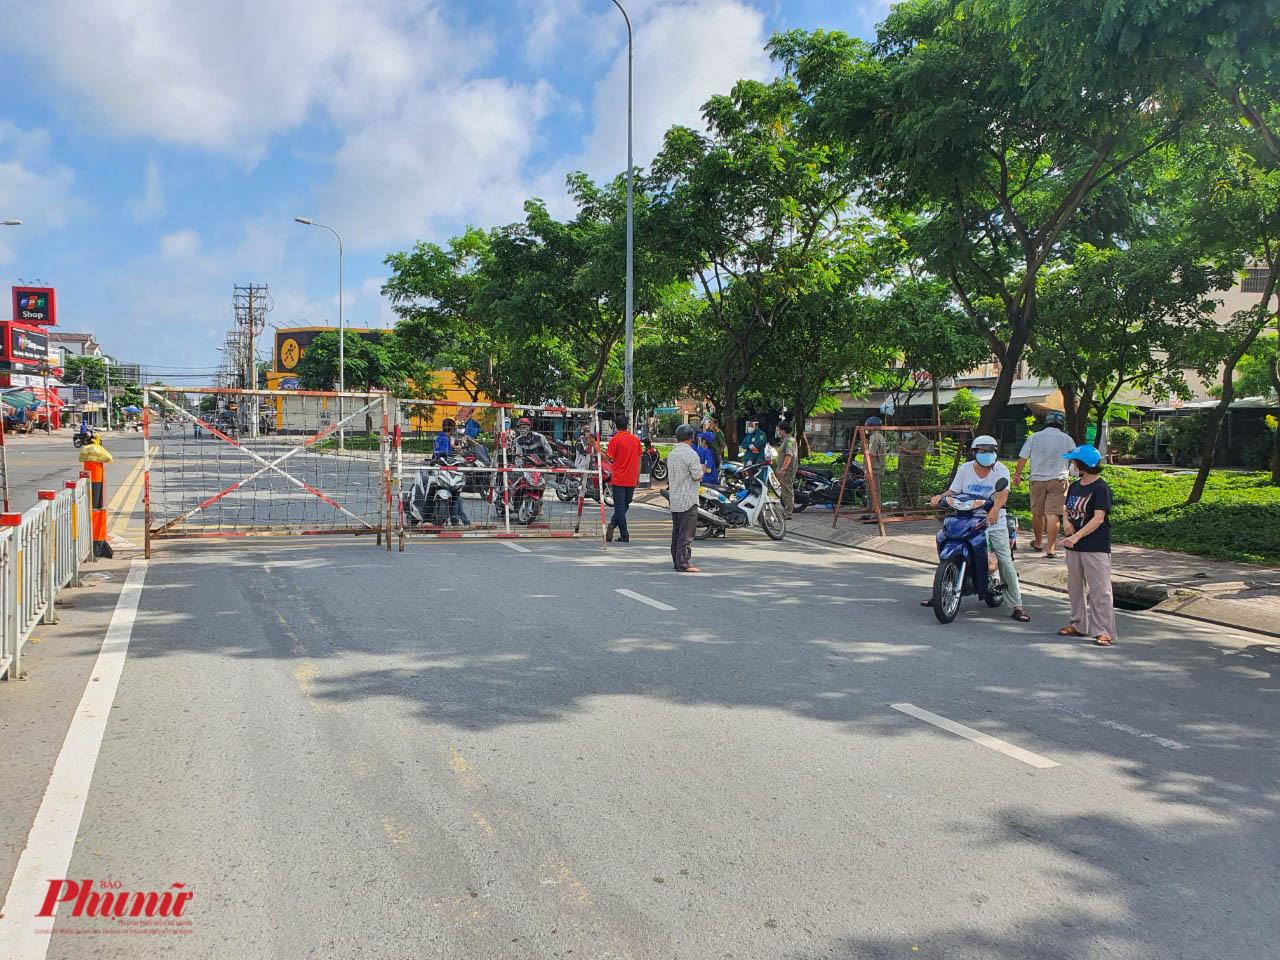 Tại các chốt trên đường Hồ Học Lãm, lực lượng chức năng tích cực giải thích cho người dân hiểu về quy định phong tỏa